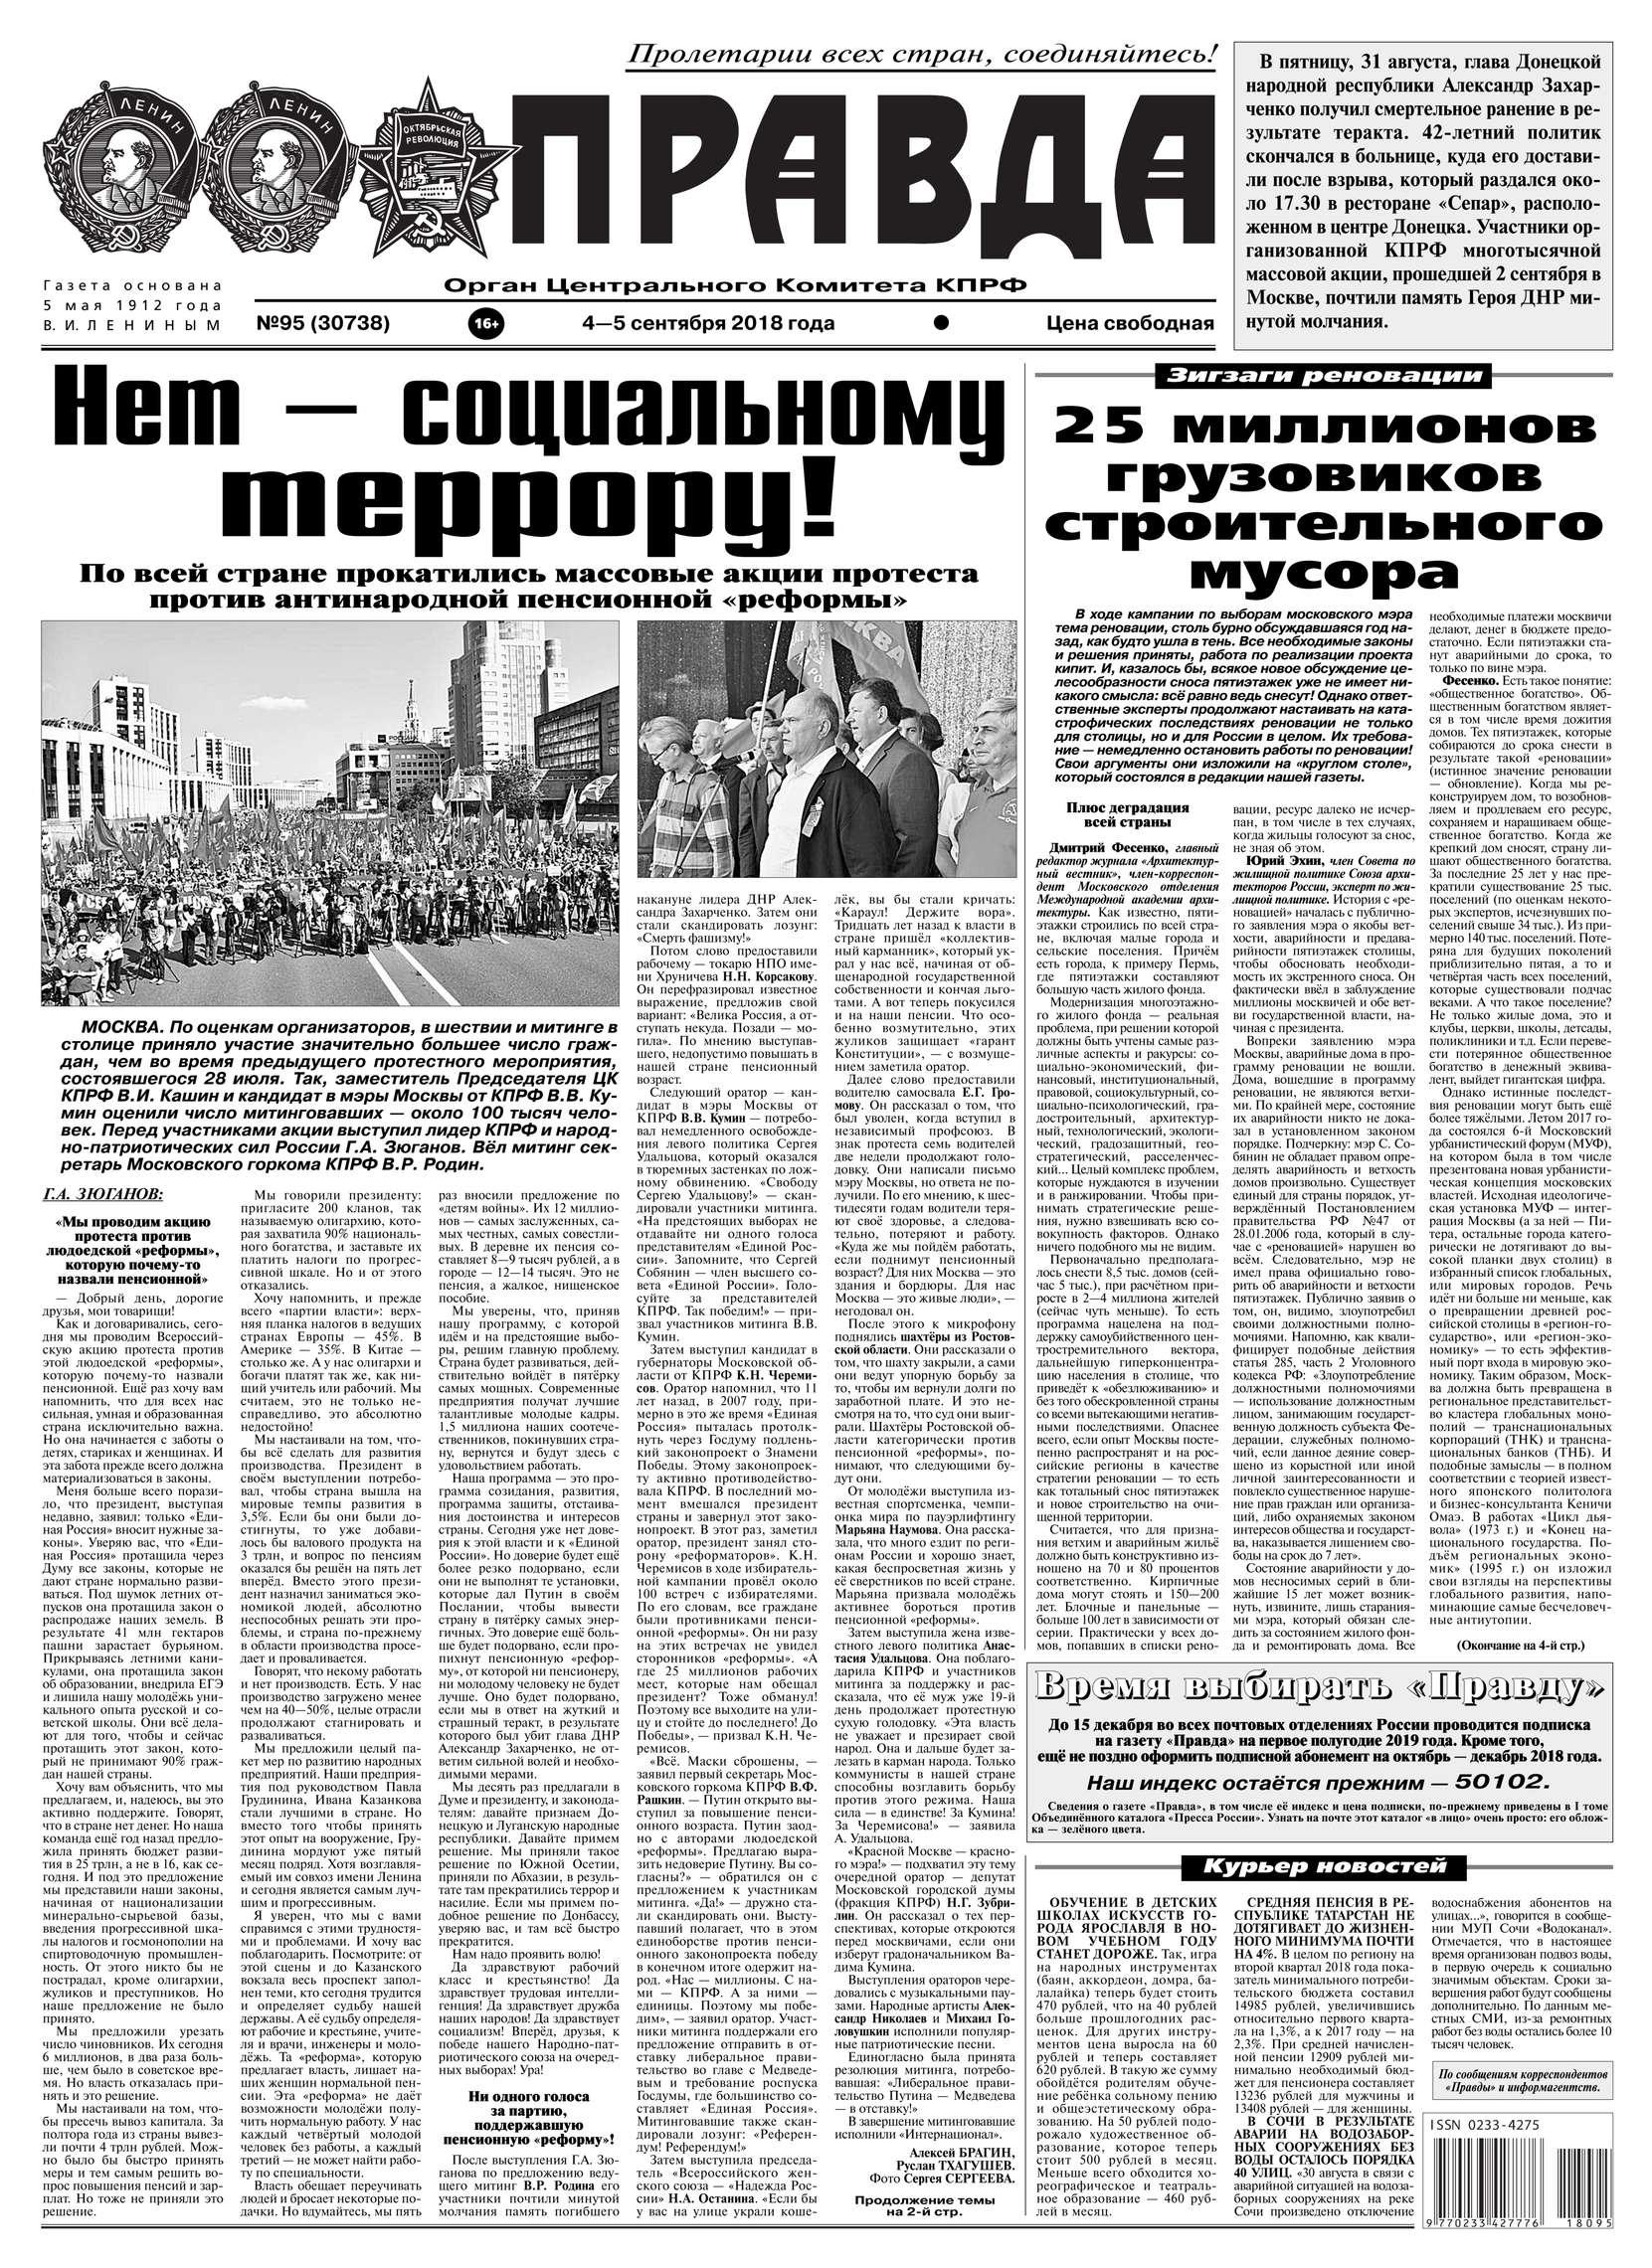 Редакция газеты Правда Правда 95-2018 редакция газеты новая газета новая газета 95 2017